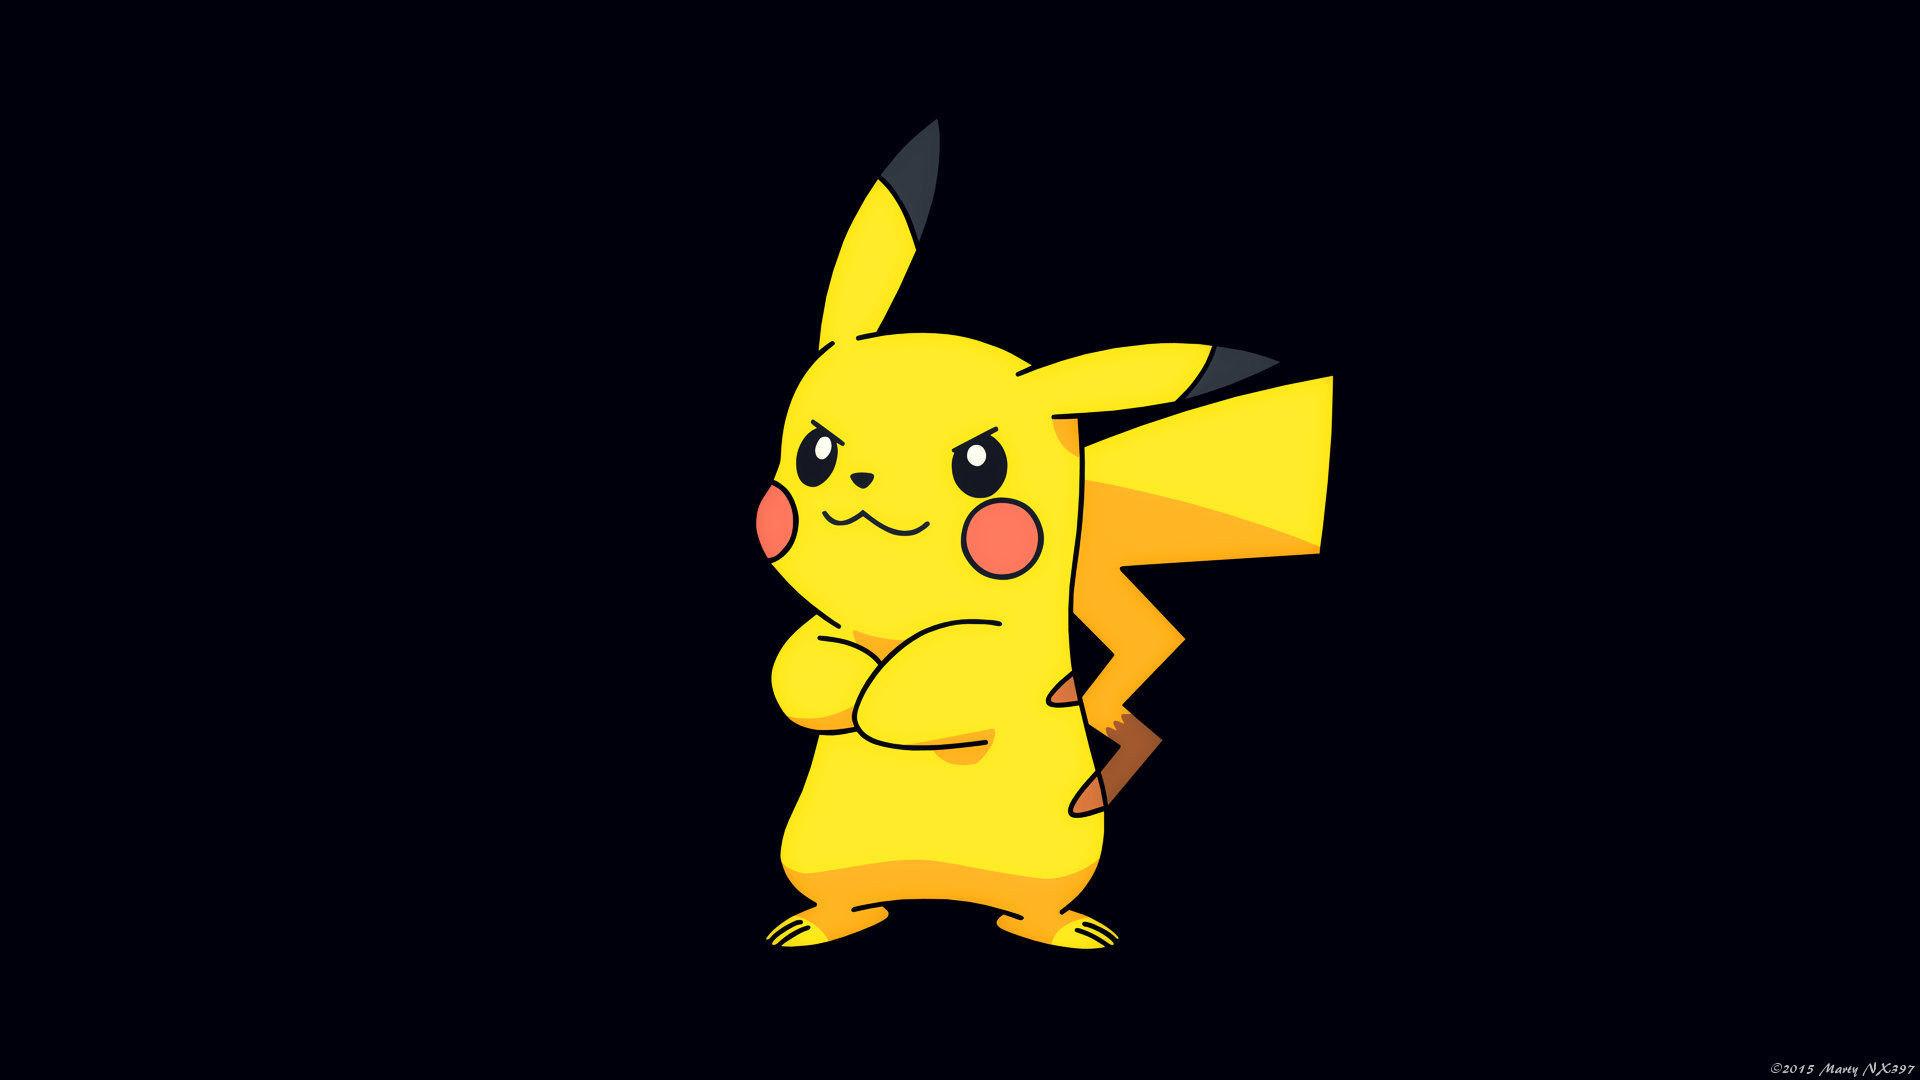 pikachu pokemon game hd wallpaper 1920×1080 44939. ««